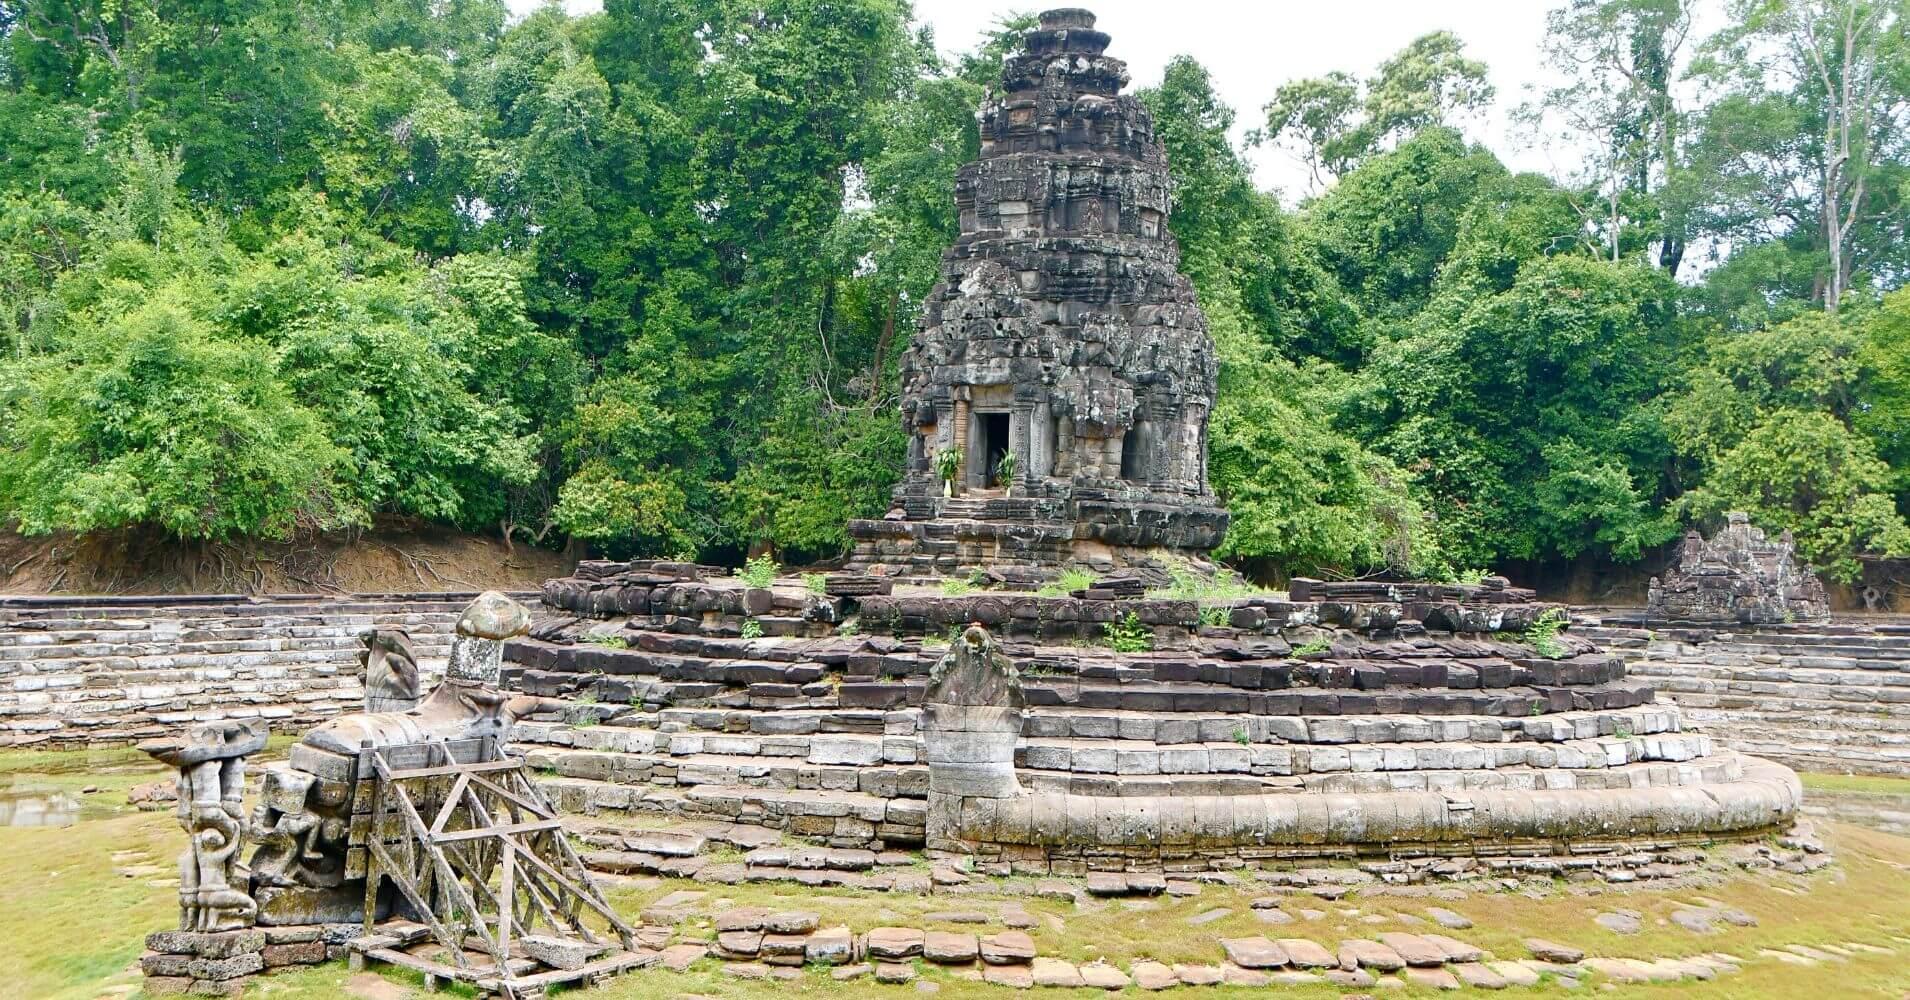 Templo de Neak Poan. Templo de las Serpientes Entrelazadas. Siem Reap. Camboya.